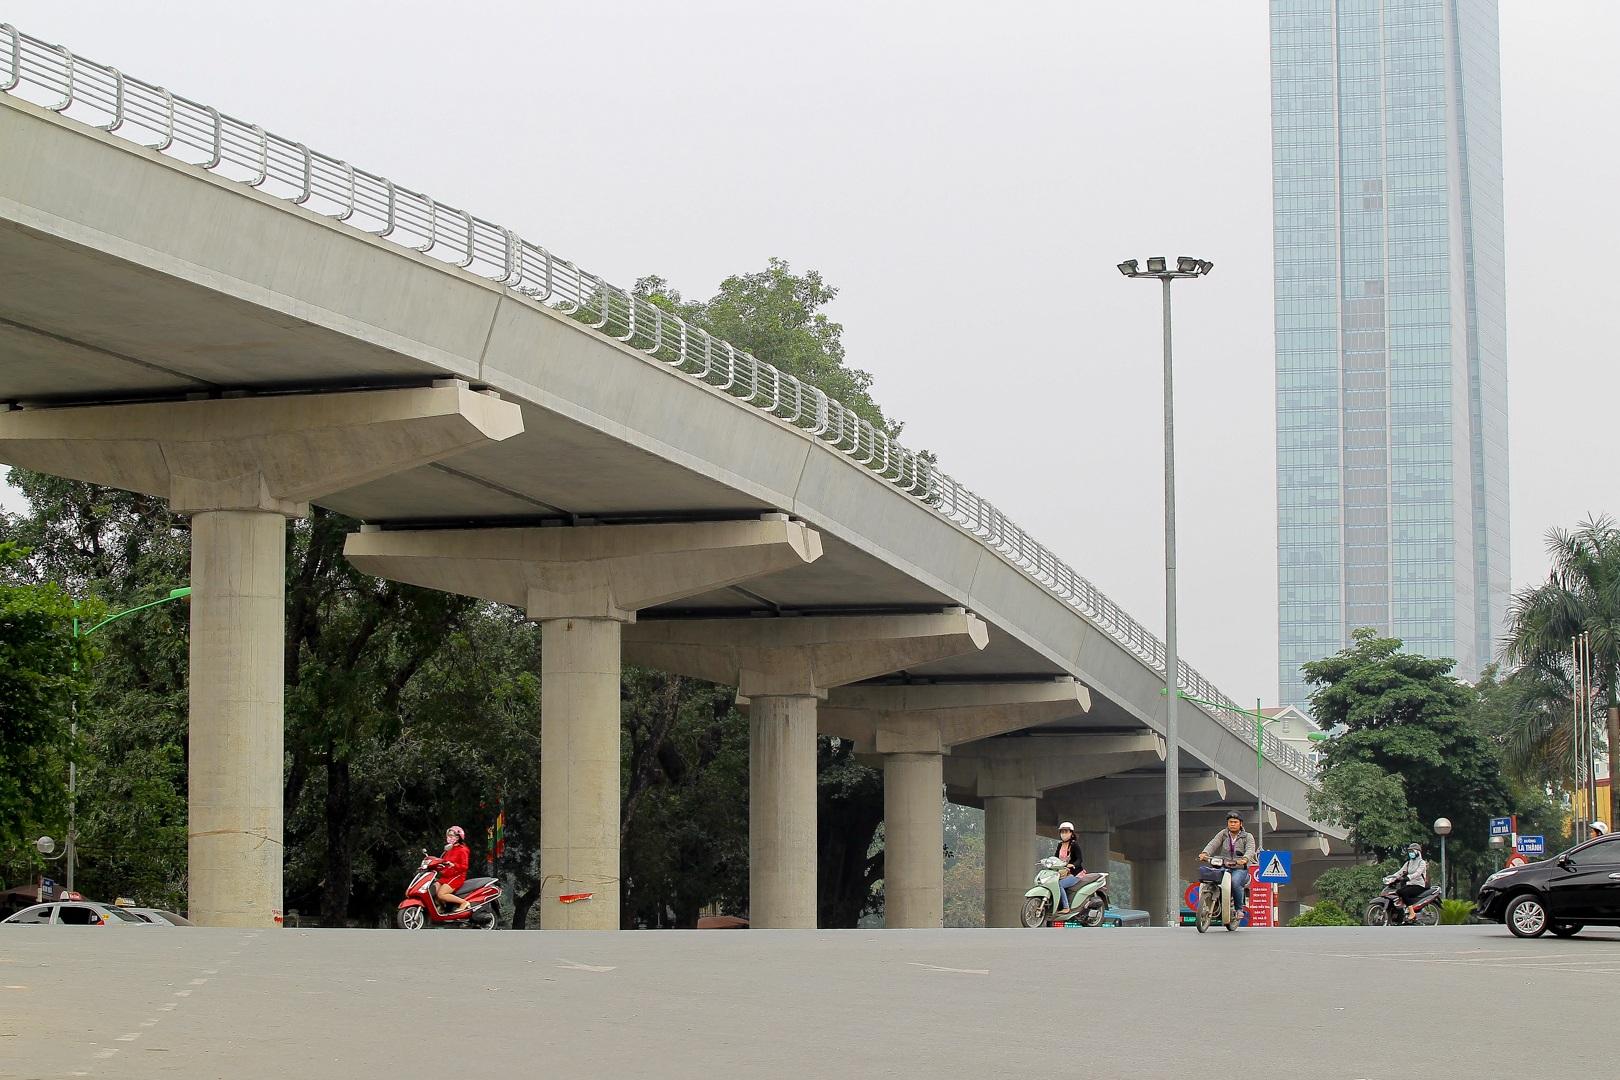 Metro Nhổn - ga Hà Nội thành hình đường trên cao xuyên qua phố phường Thủ đô - 11